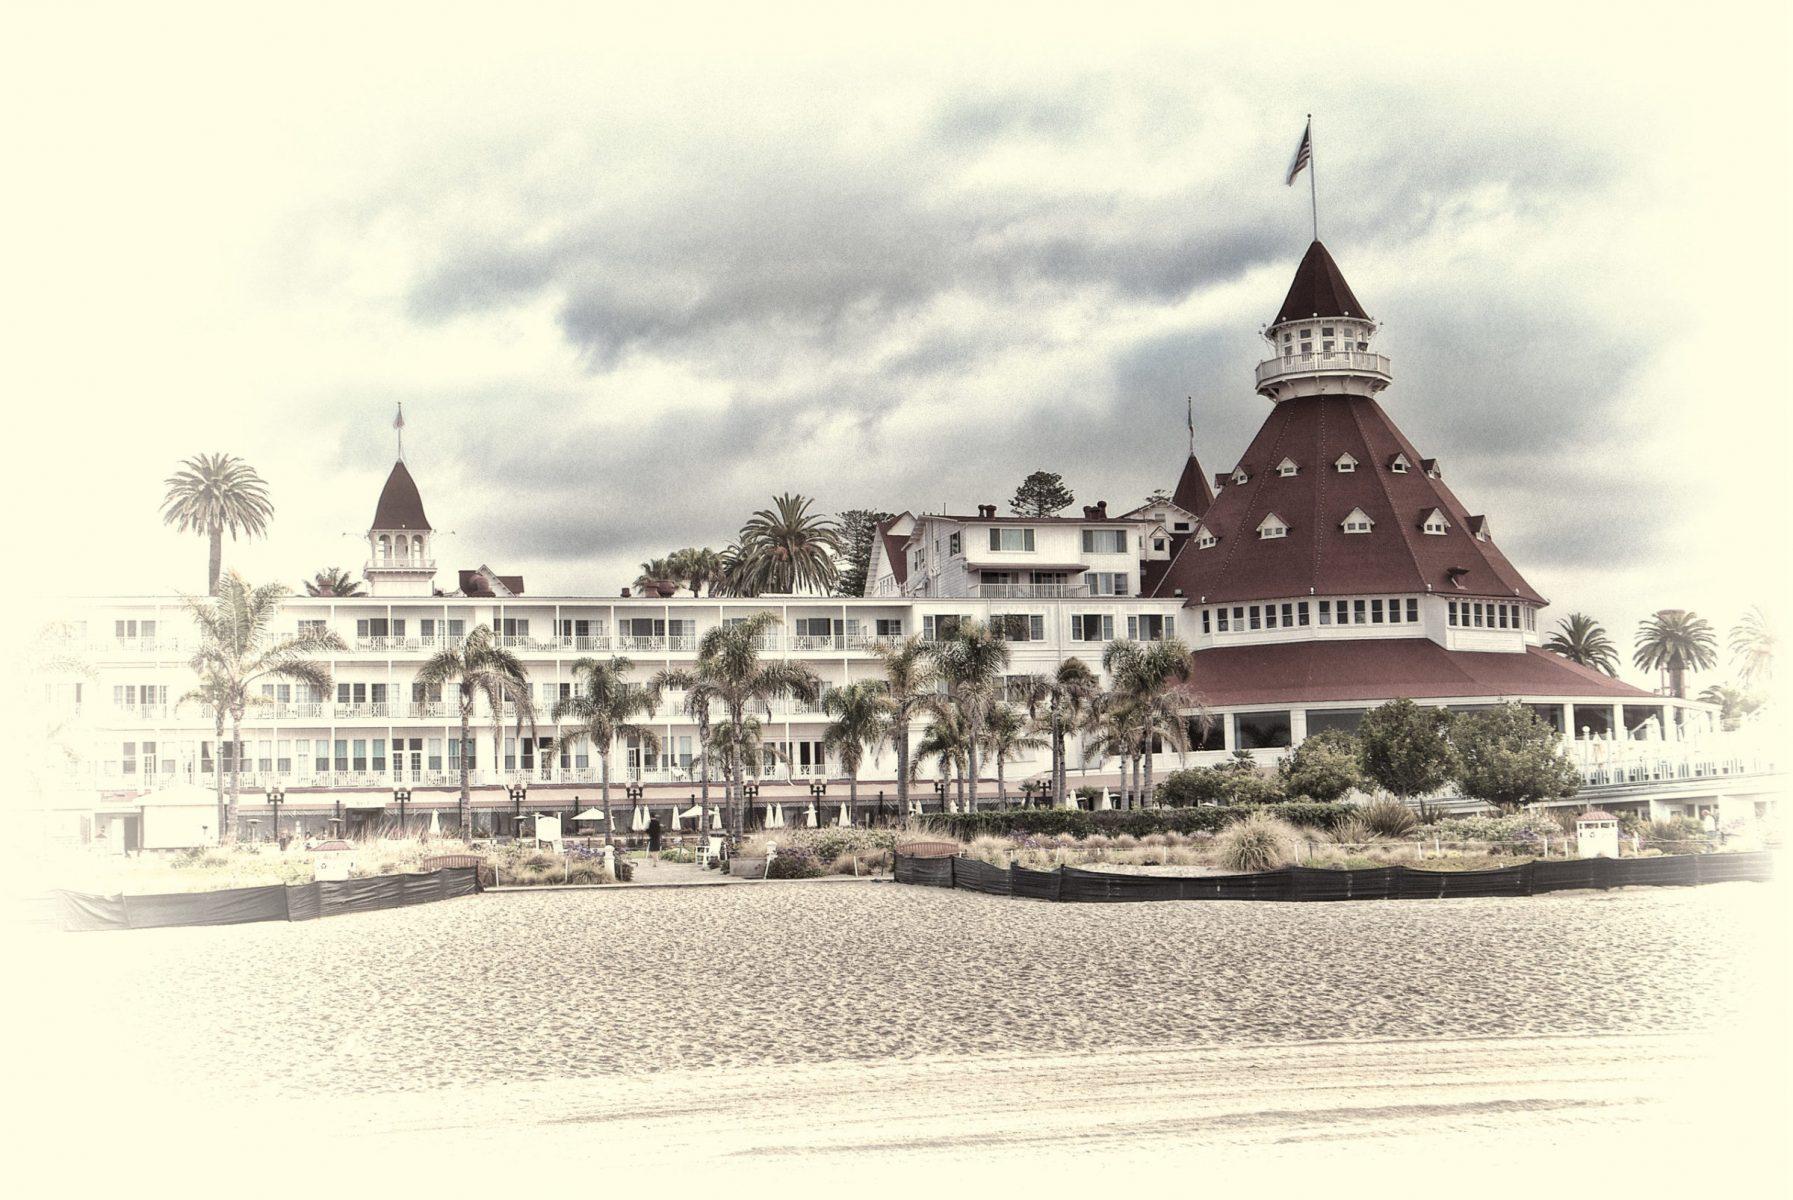 Jim McGinn - Hotel Del